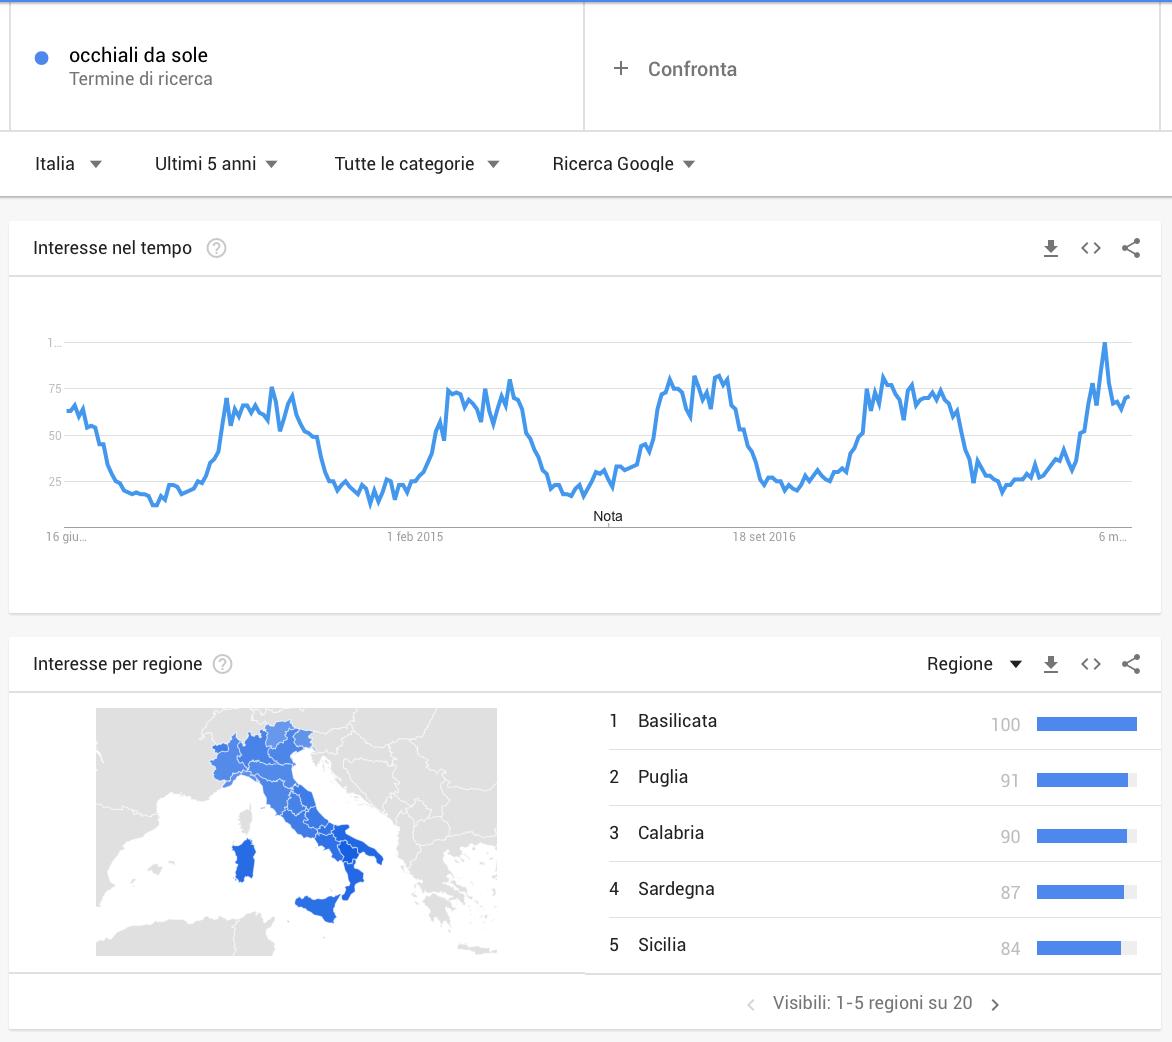 """Google Trends: ricerca per """"occhiali da sole"""" in Italia per gli ultimi 5 anni"""